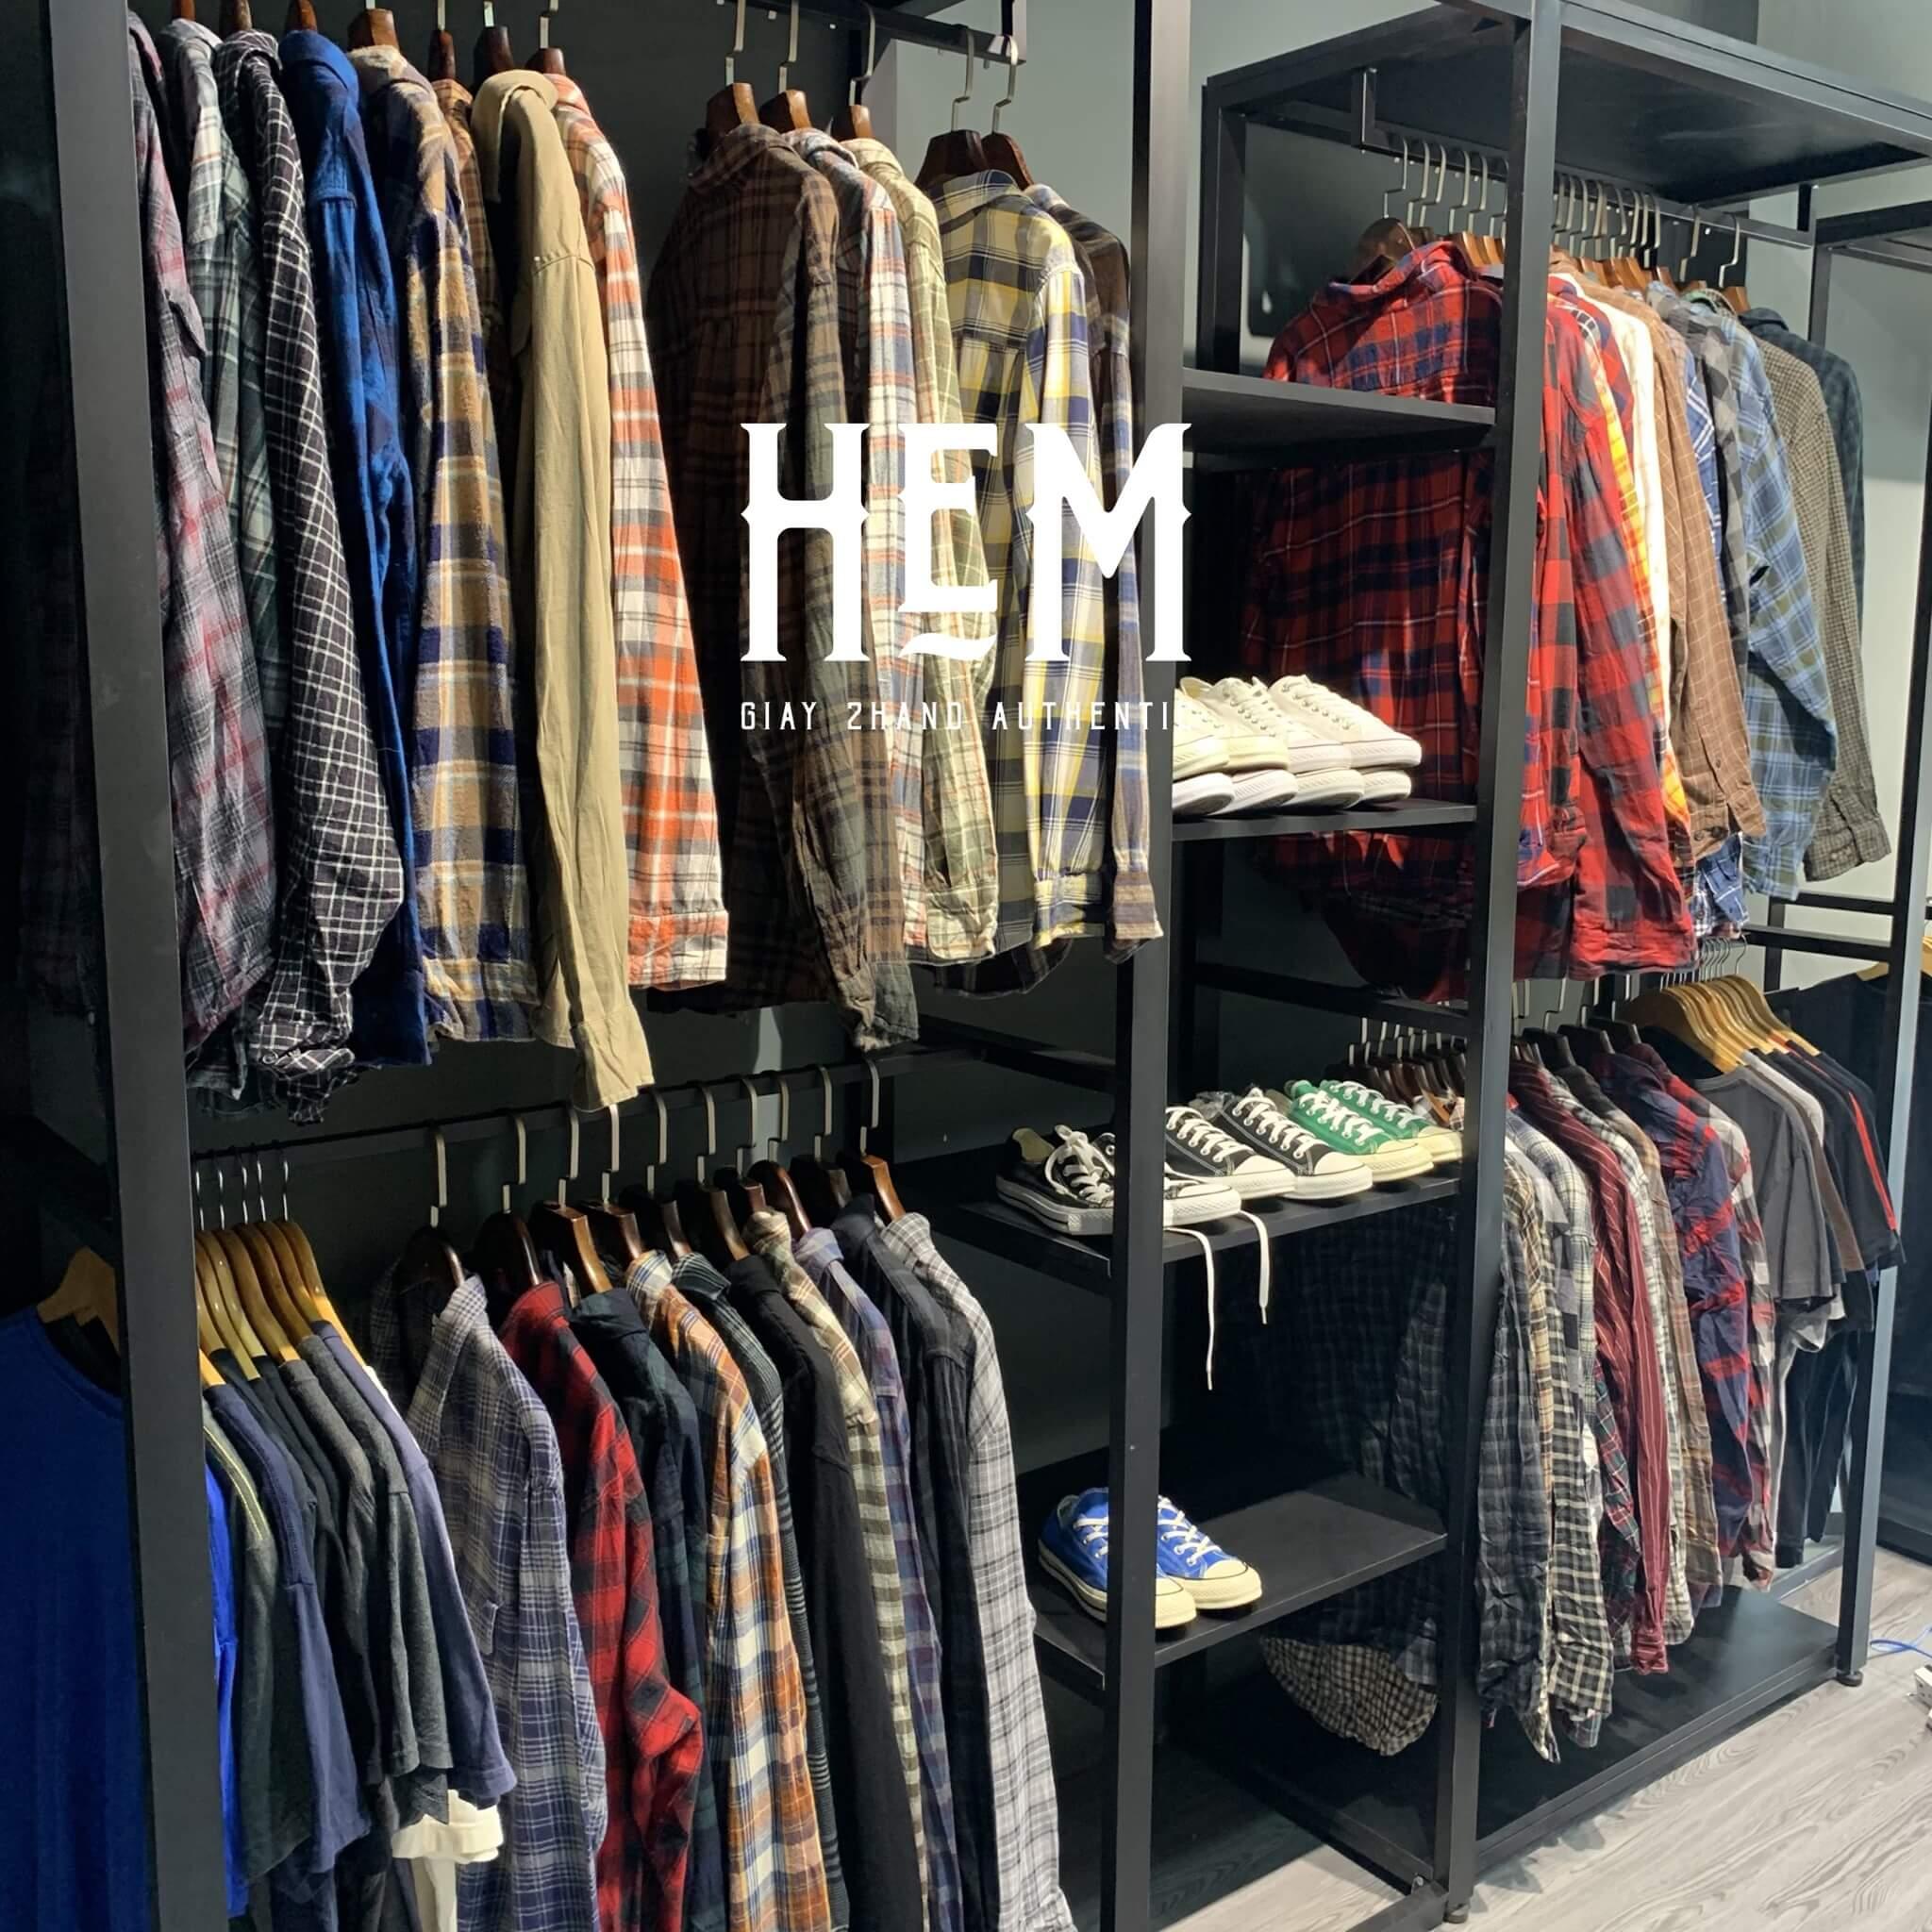 Ngoài ra hẻm còn bán rất nhiều mẫu áo thun unisex, áo flannel